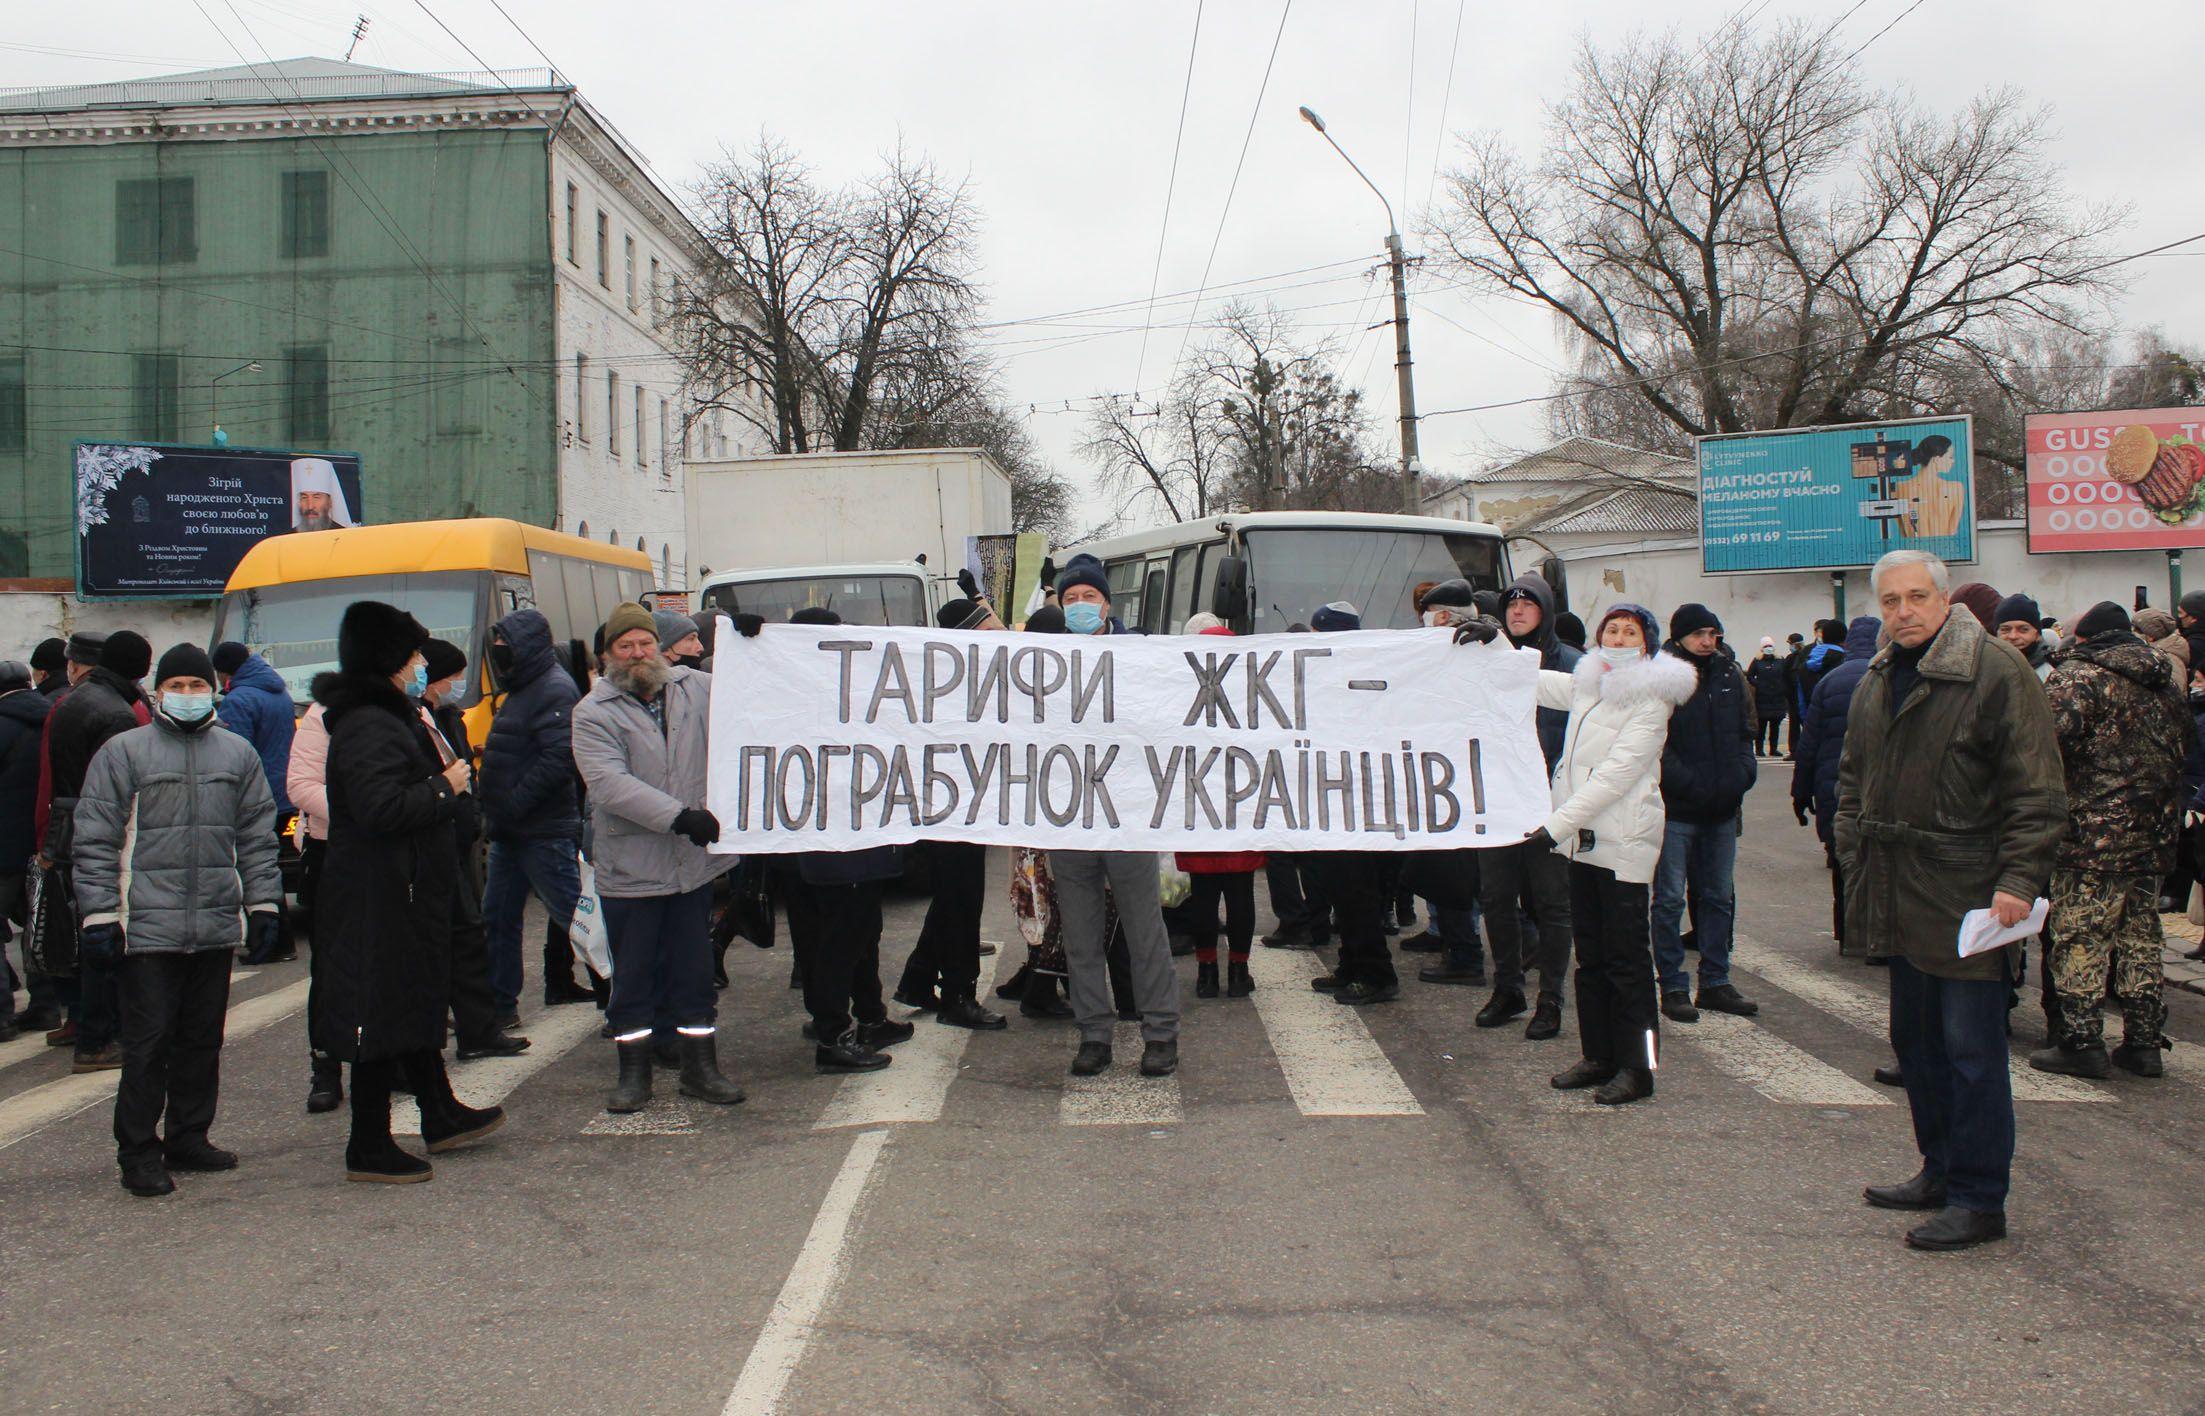 Полтавщина: Мітингова стихія чи прелюдія до нових протестів?